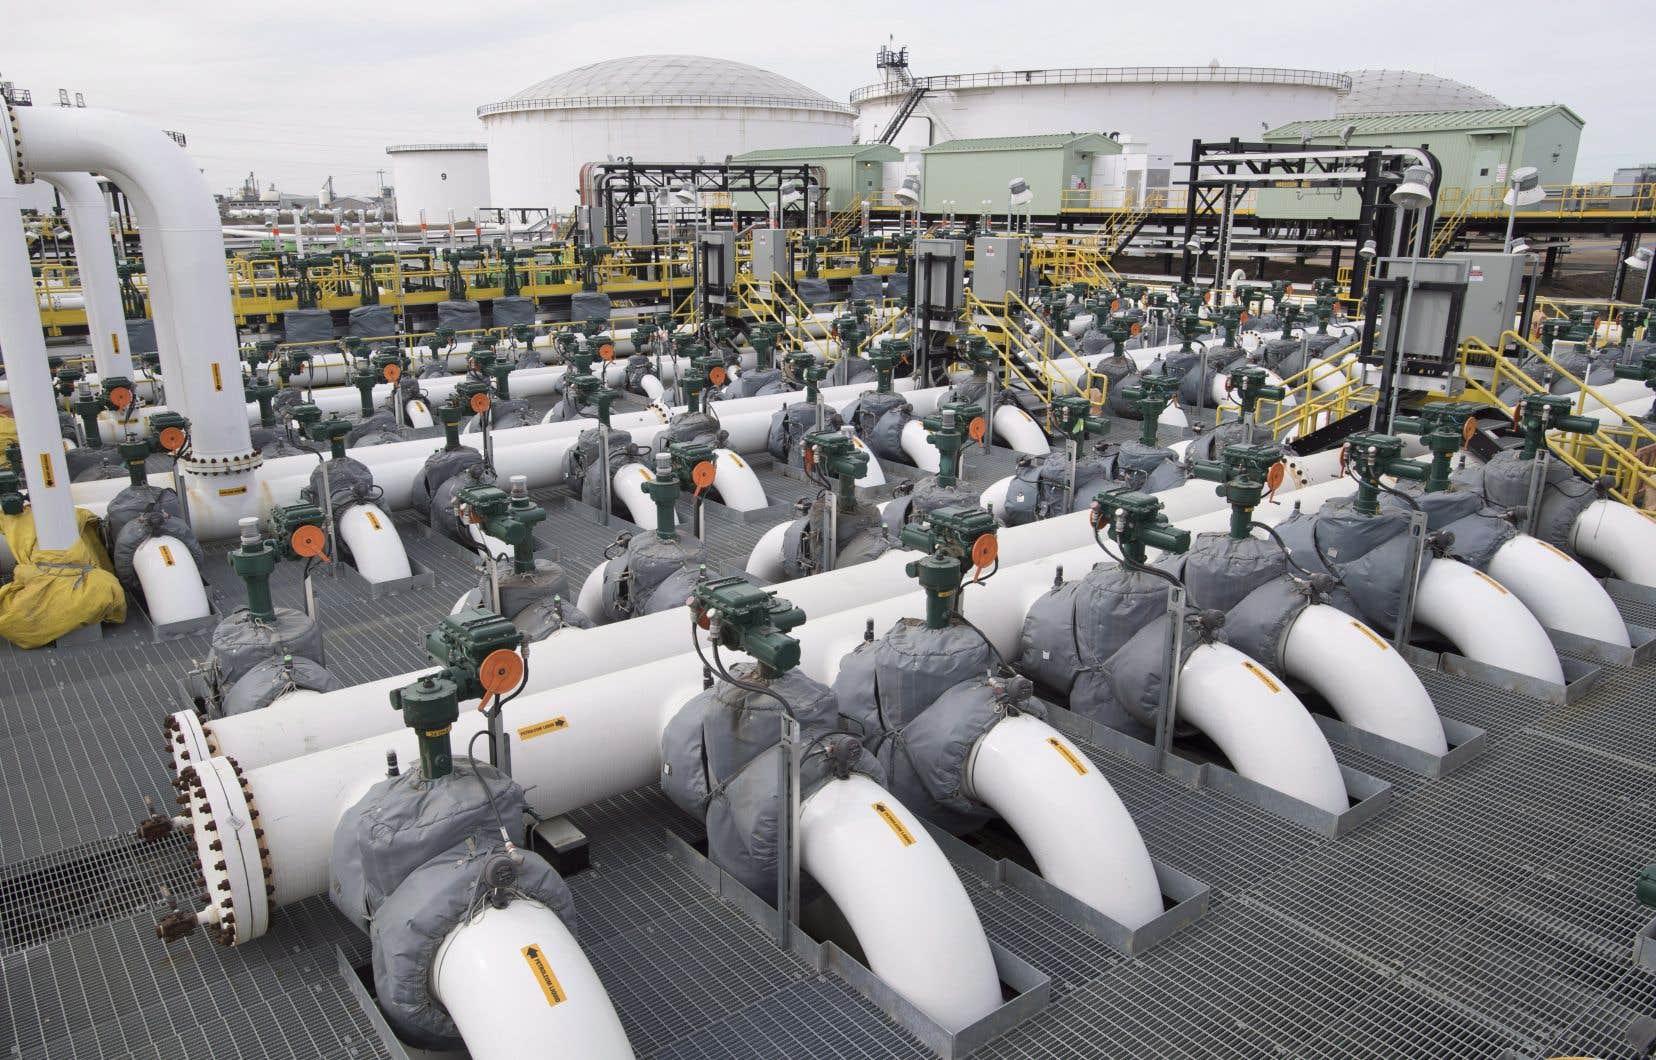 Le projet Trans Mountain de la pétrolière texane Kinder Morgan vise à accroître la capacité quotidienne de l'oléoduc de 300000 barils à 890000 barils.